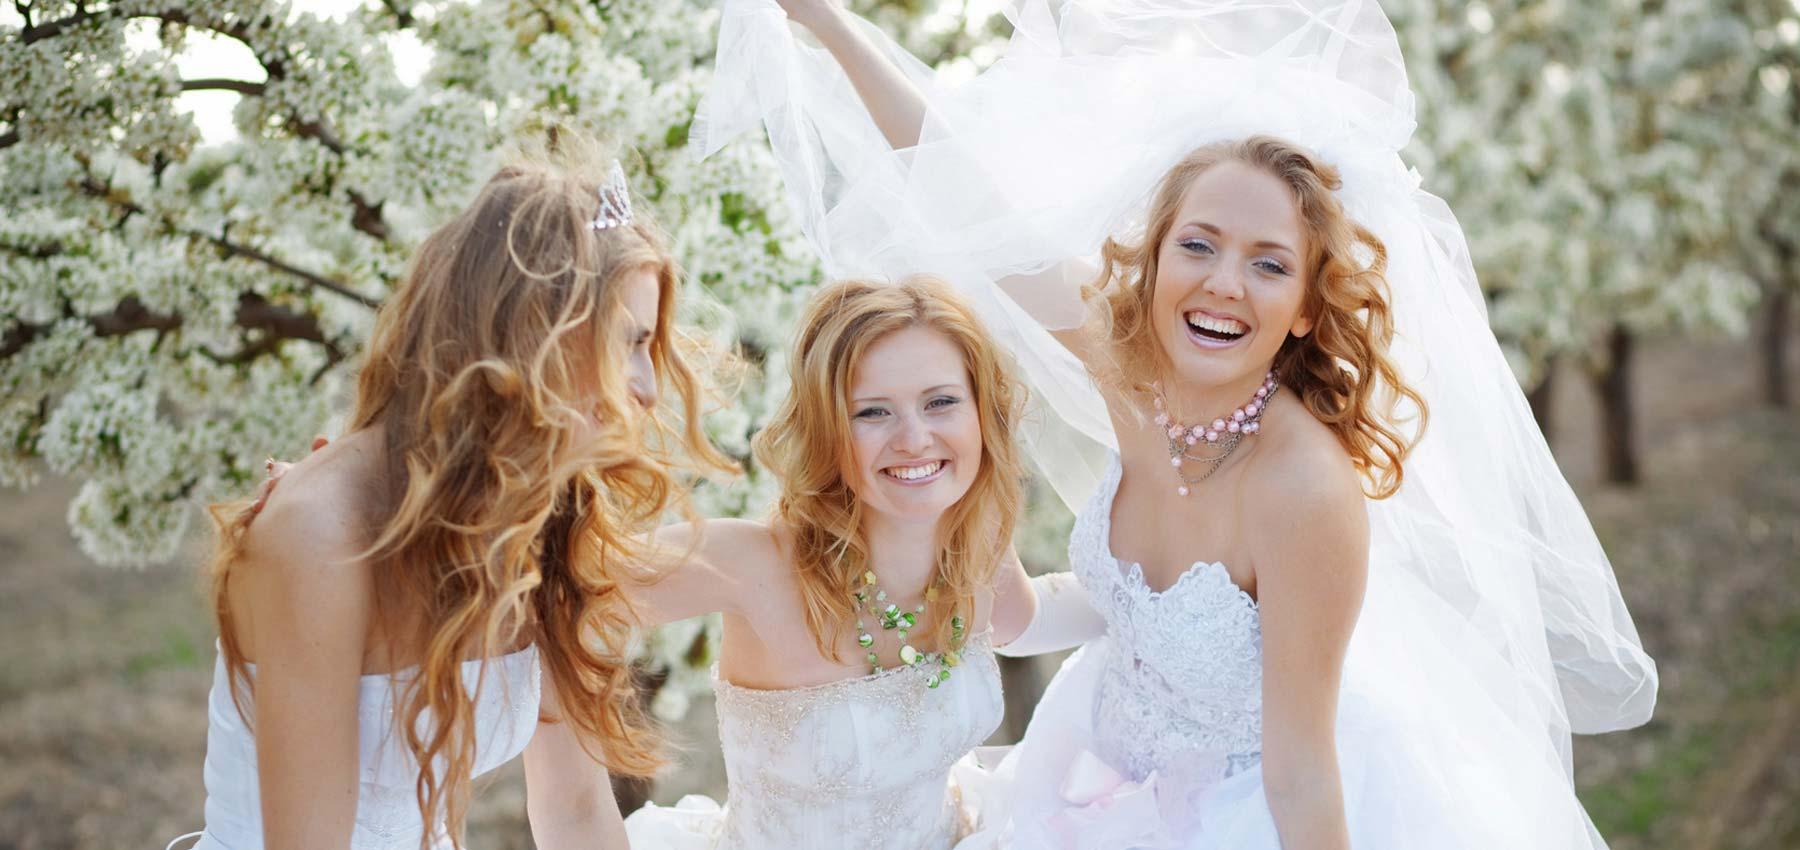 Partagez la joie de la mariée